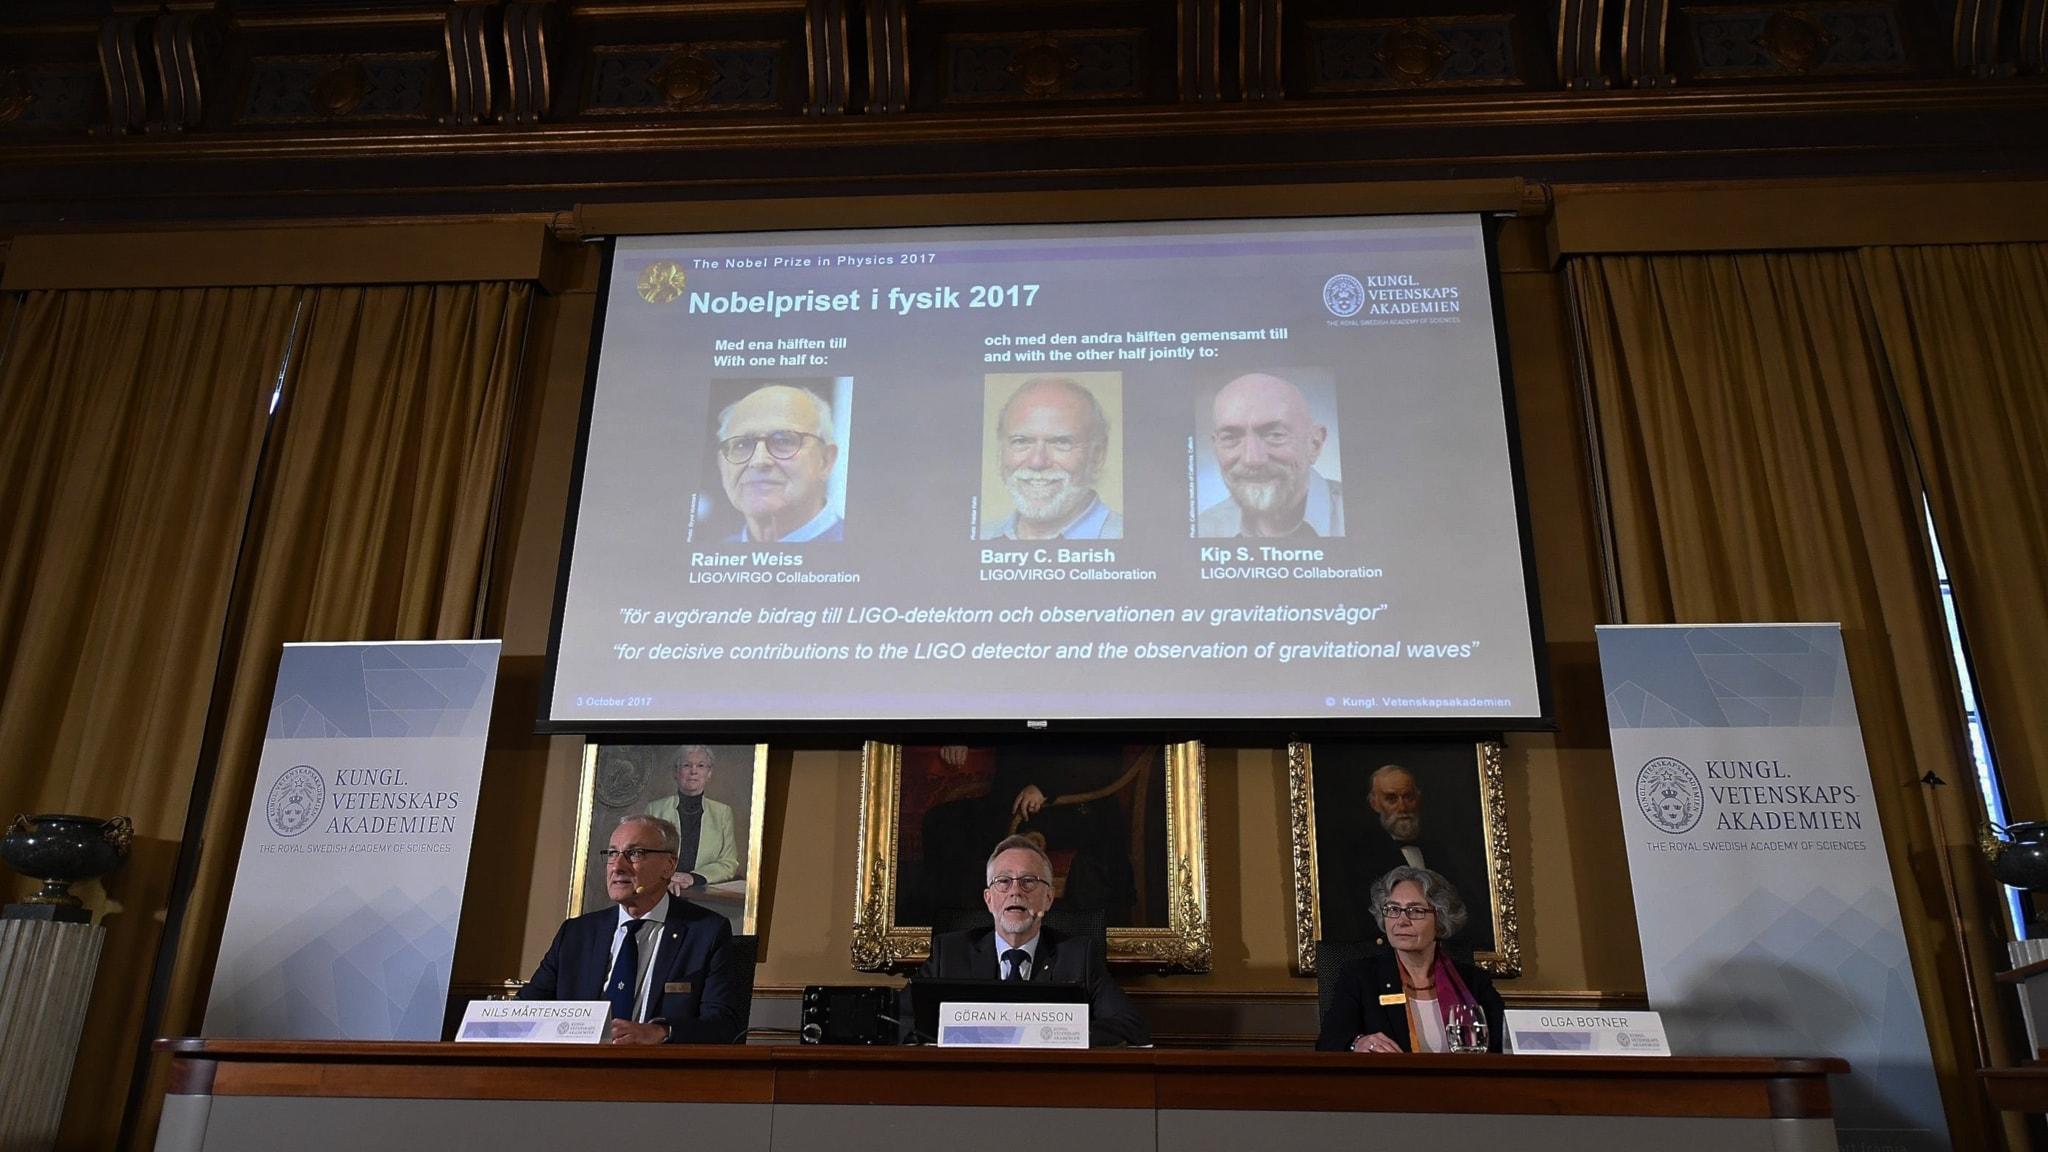 Nobelprisansvarig själv missnöjd med gubbdominansen